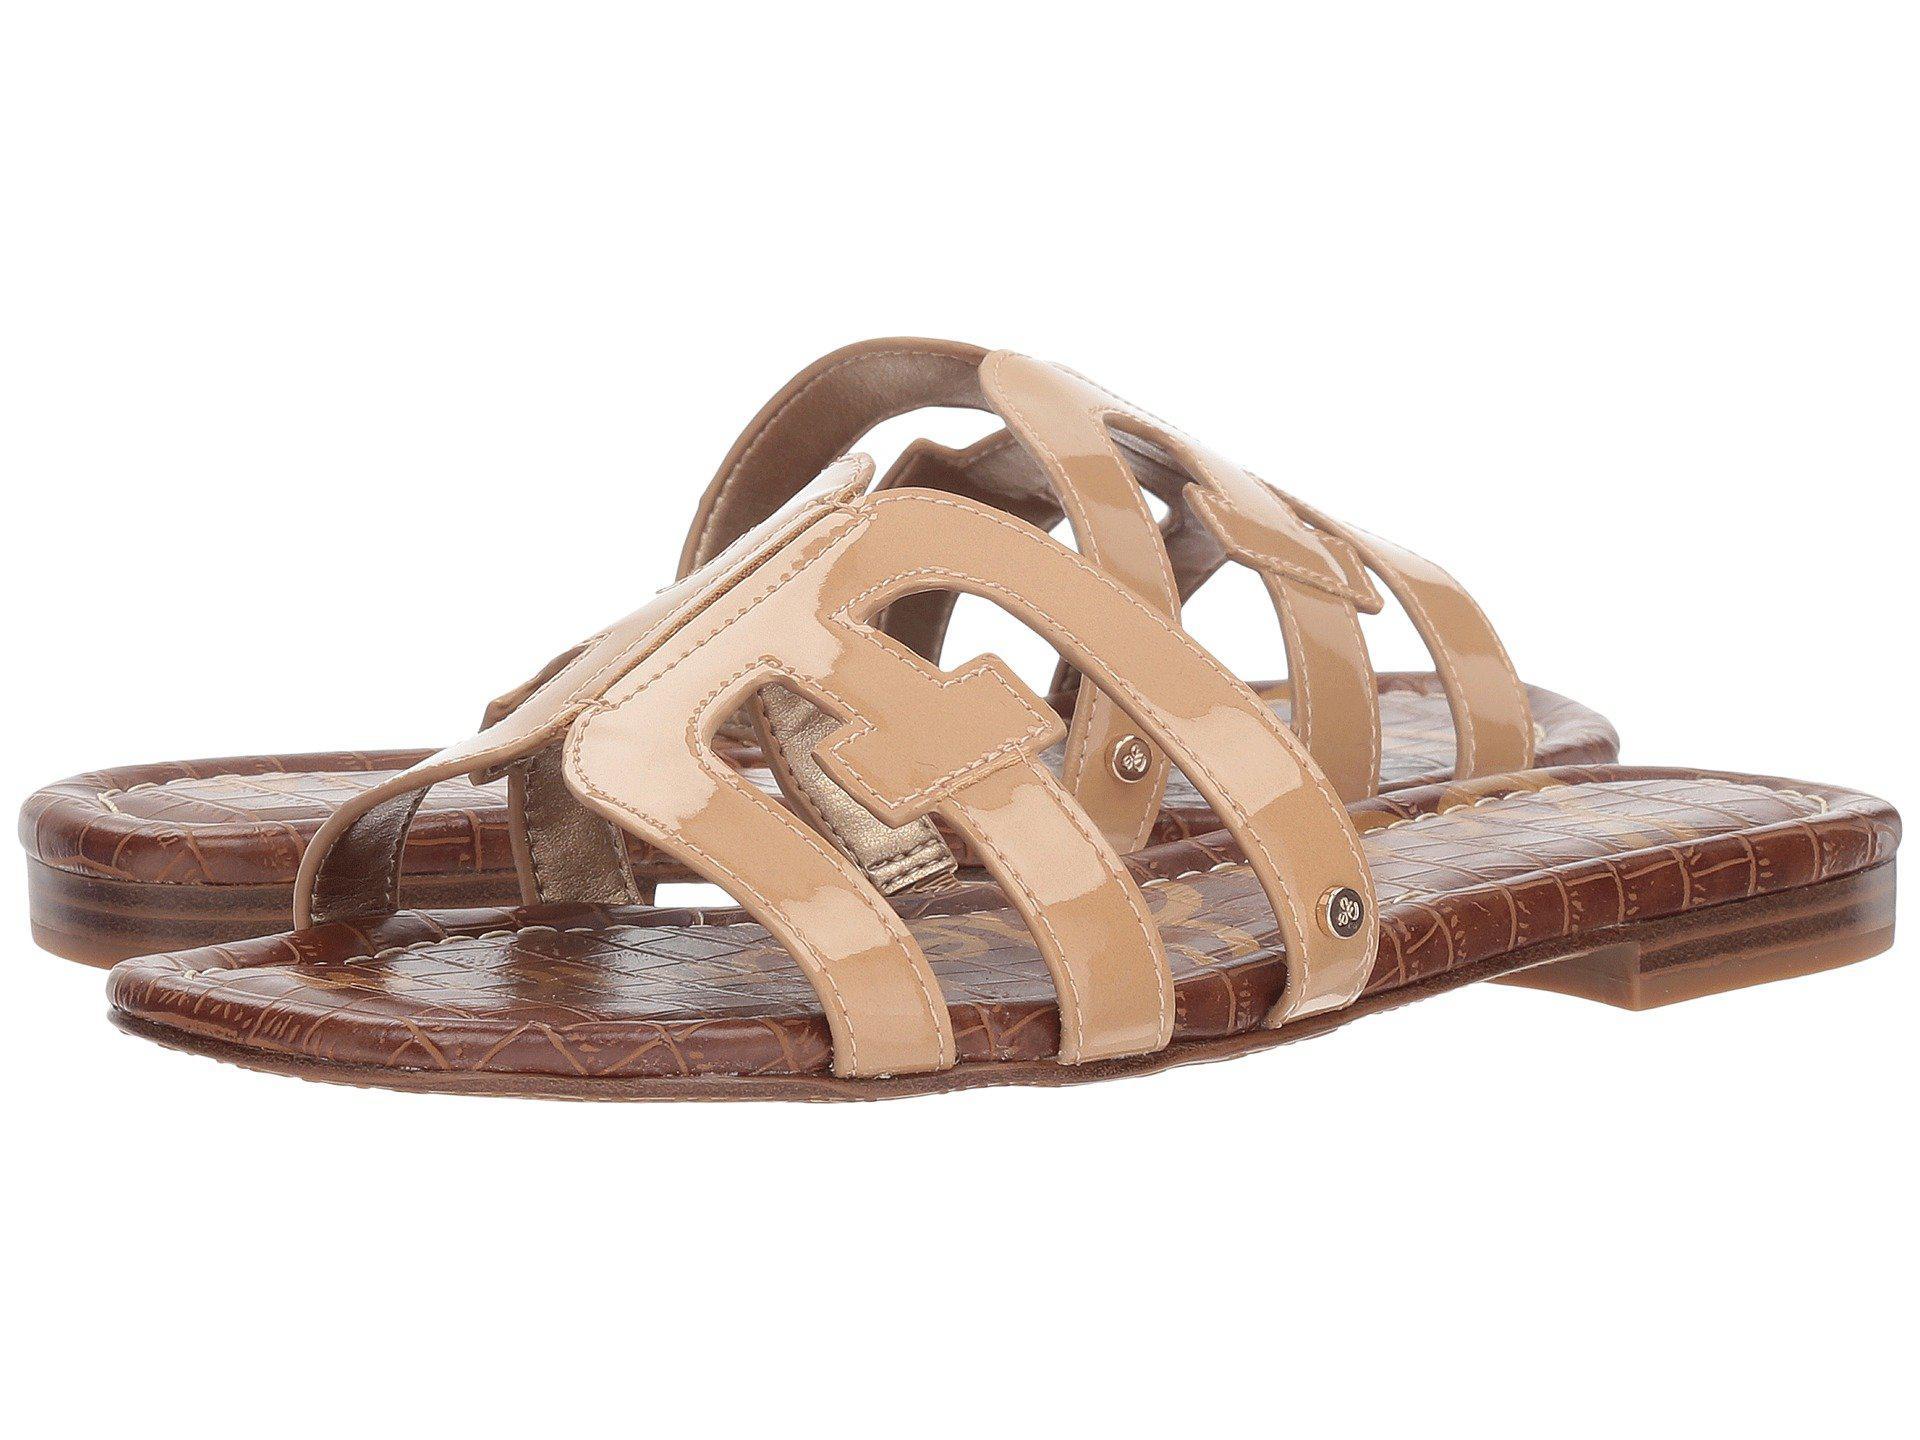 5556062dbde4 Lyst - Sam Edelman Bay (almond Patent) Women s Slide Shoes